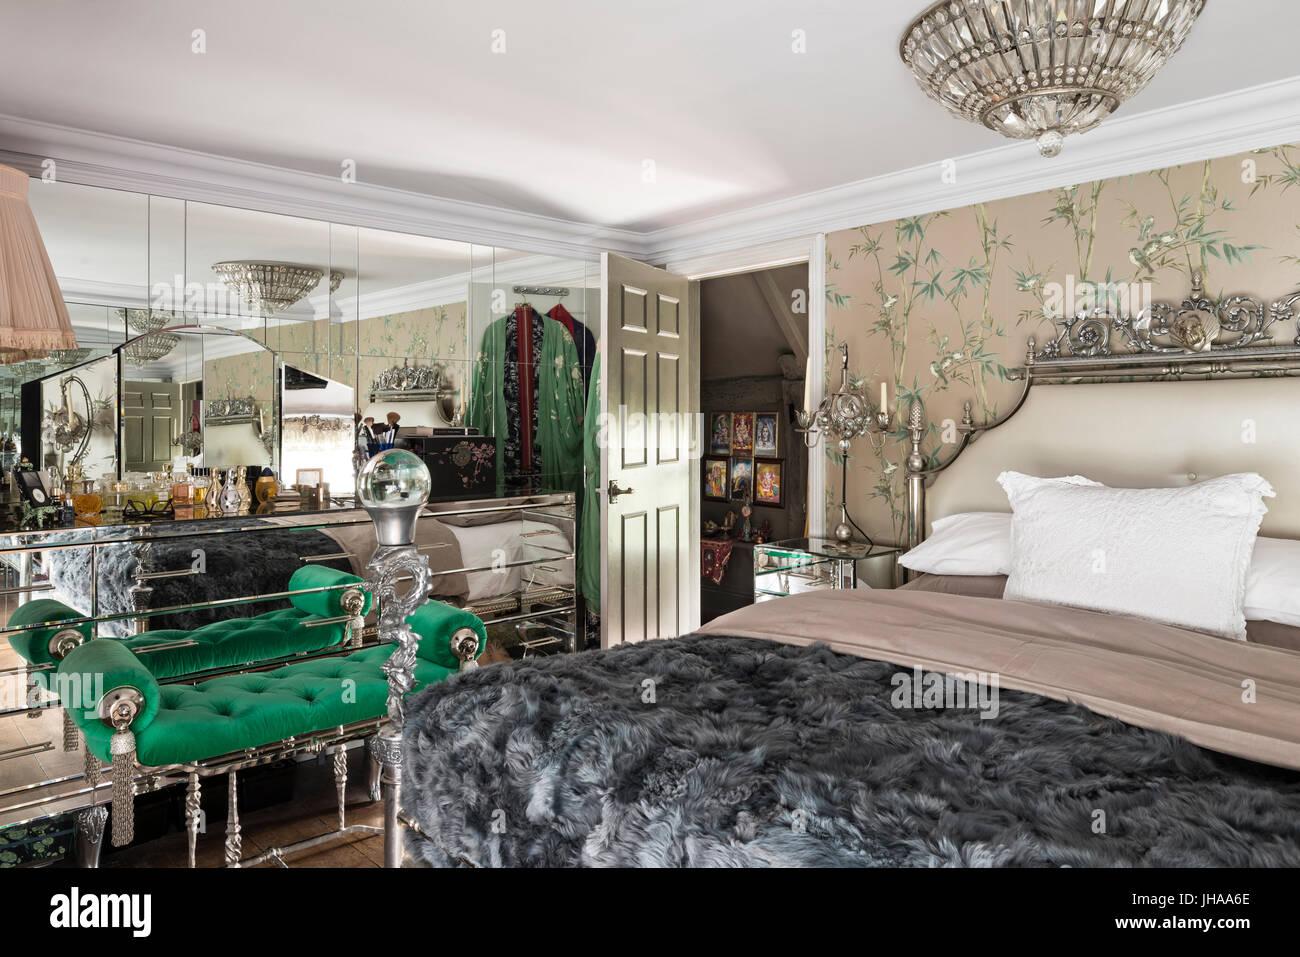 Luxuri ses schlafzimmer mit spiegelwand stockfoto bild for Spiegelwand schlafzimmer